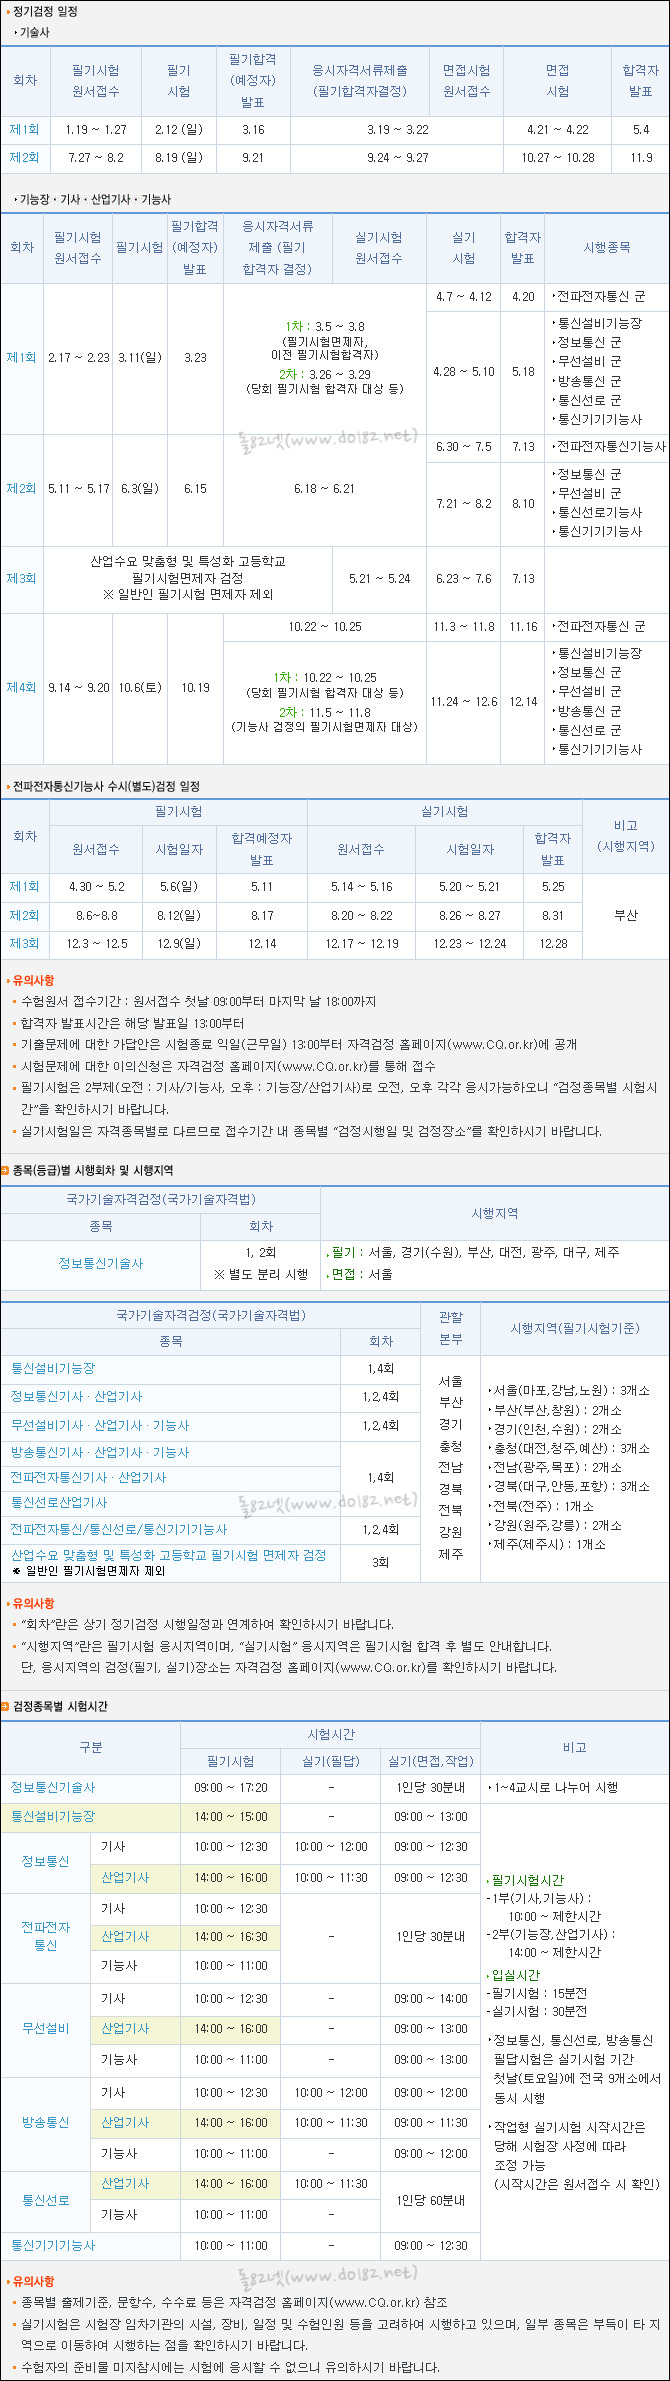 2012년도 한국방송통신전파진흥원 국가기술자격검정 시험일정